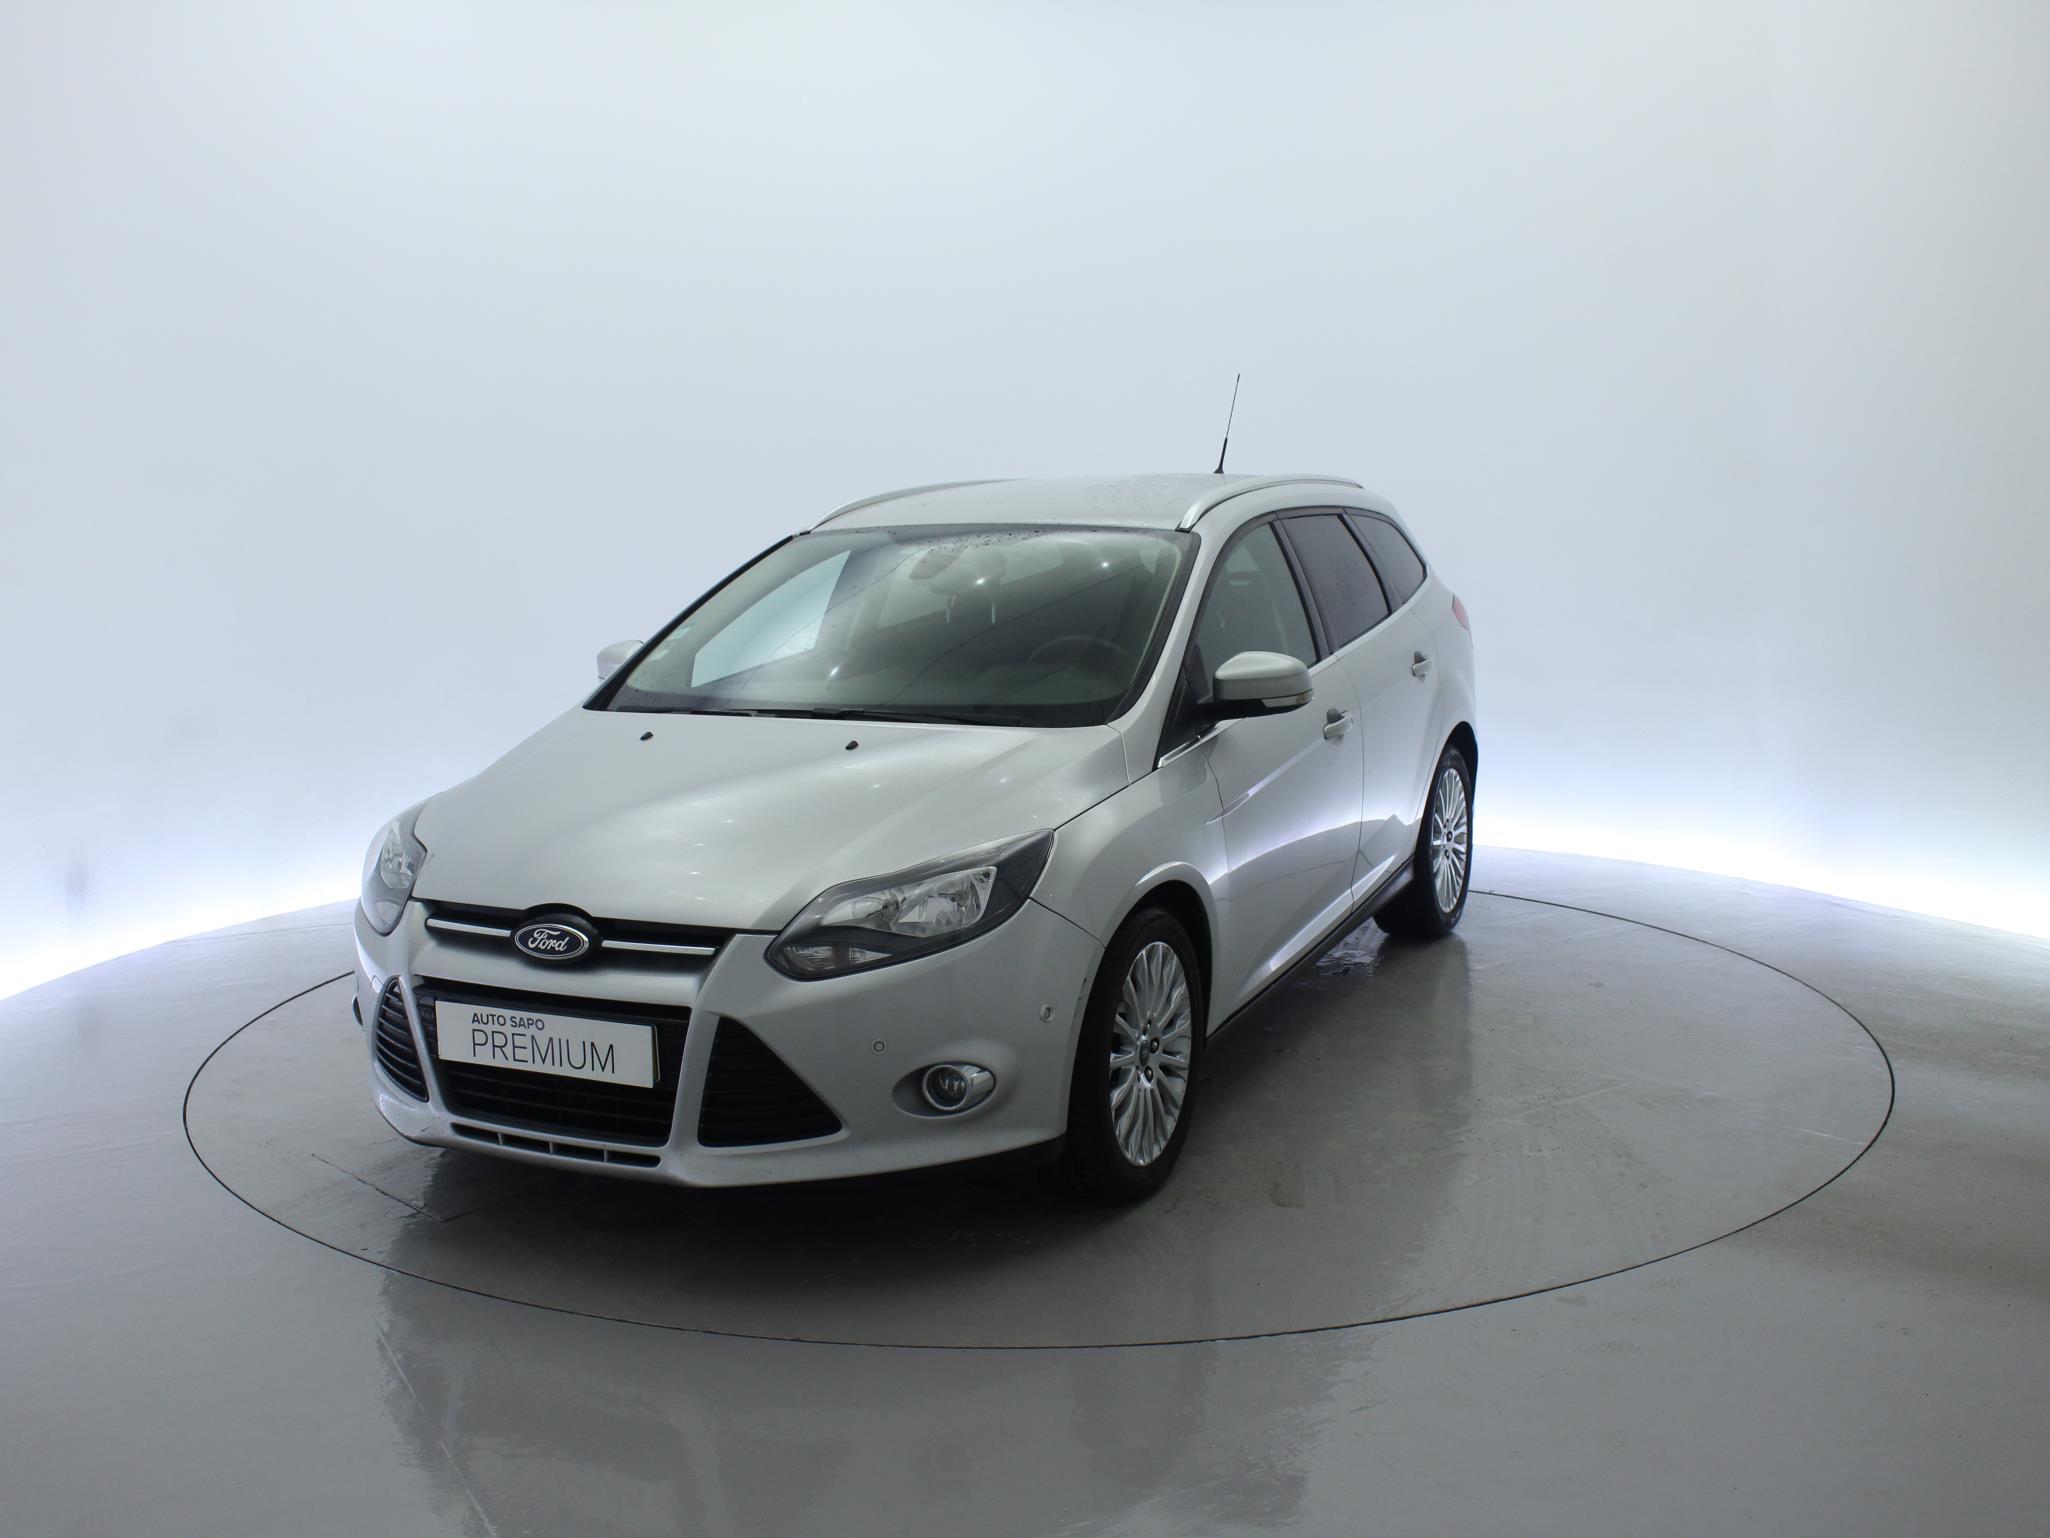 Ford Focus Station 1.6 TDCi Titanium